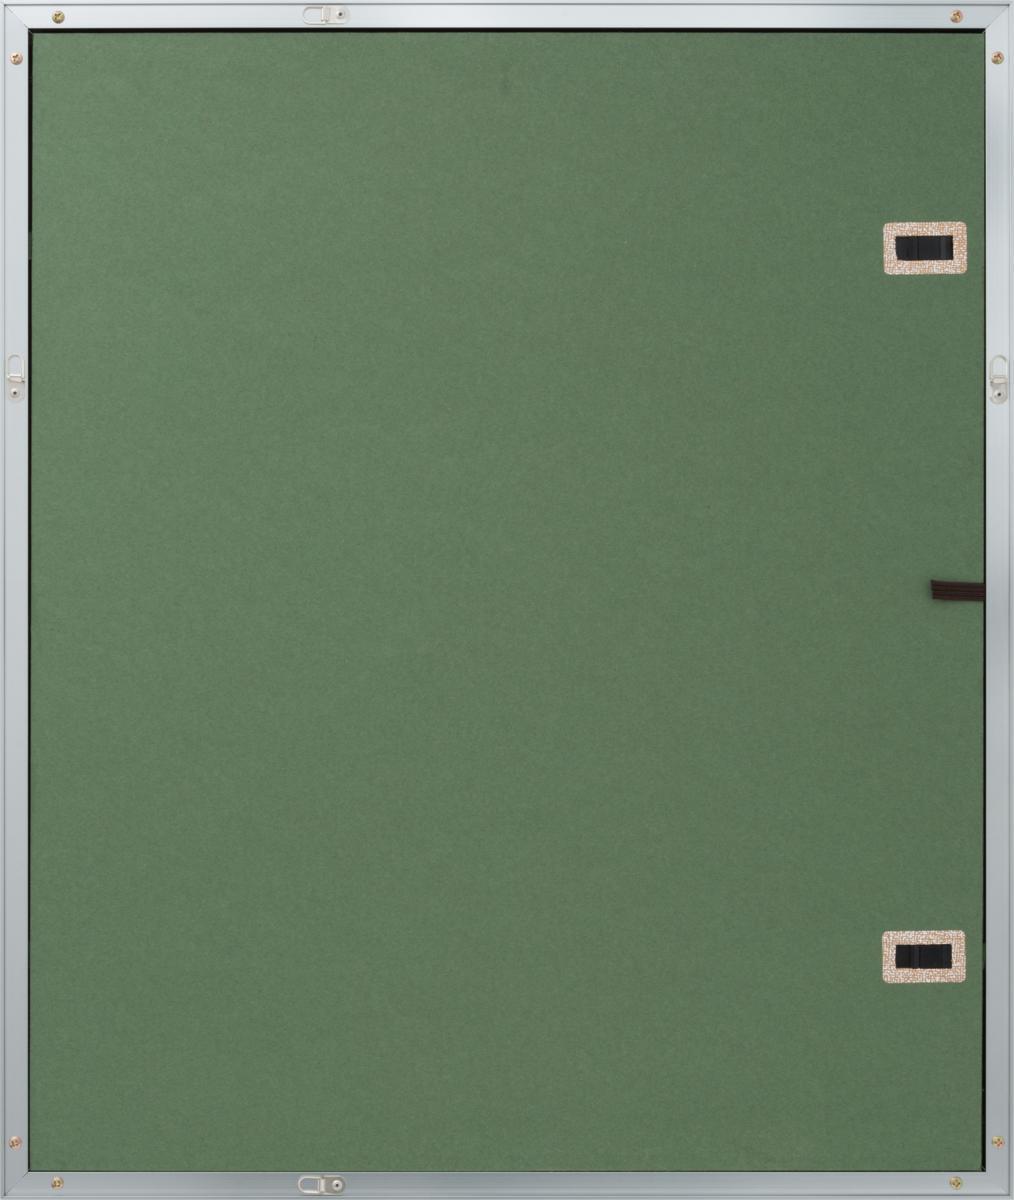 油絵額縁 油彩額縁 アルミフレーム 受注生産品 DA-603 シルバー マットC サイズM15号_画像3